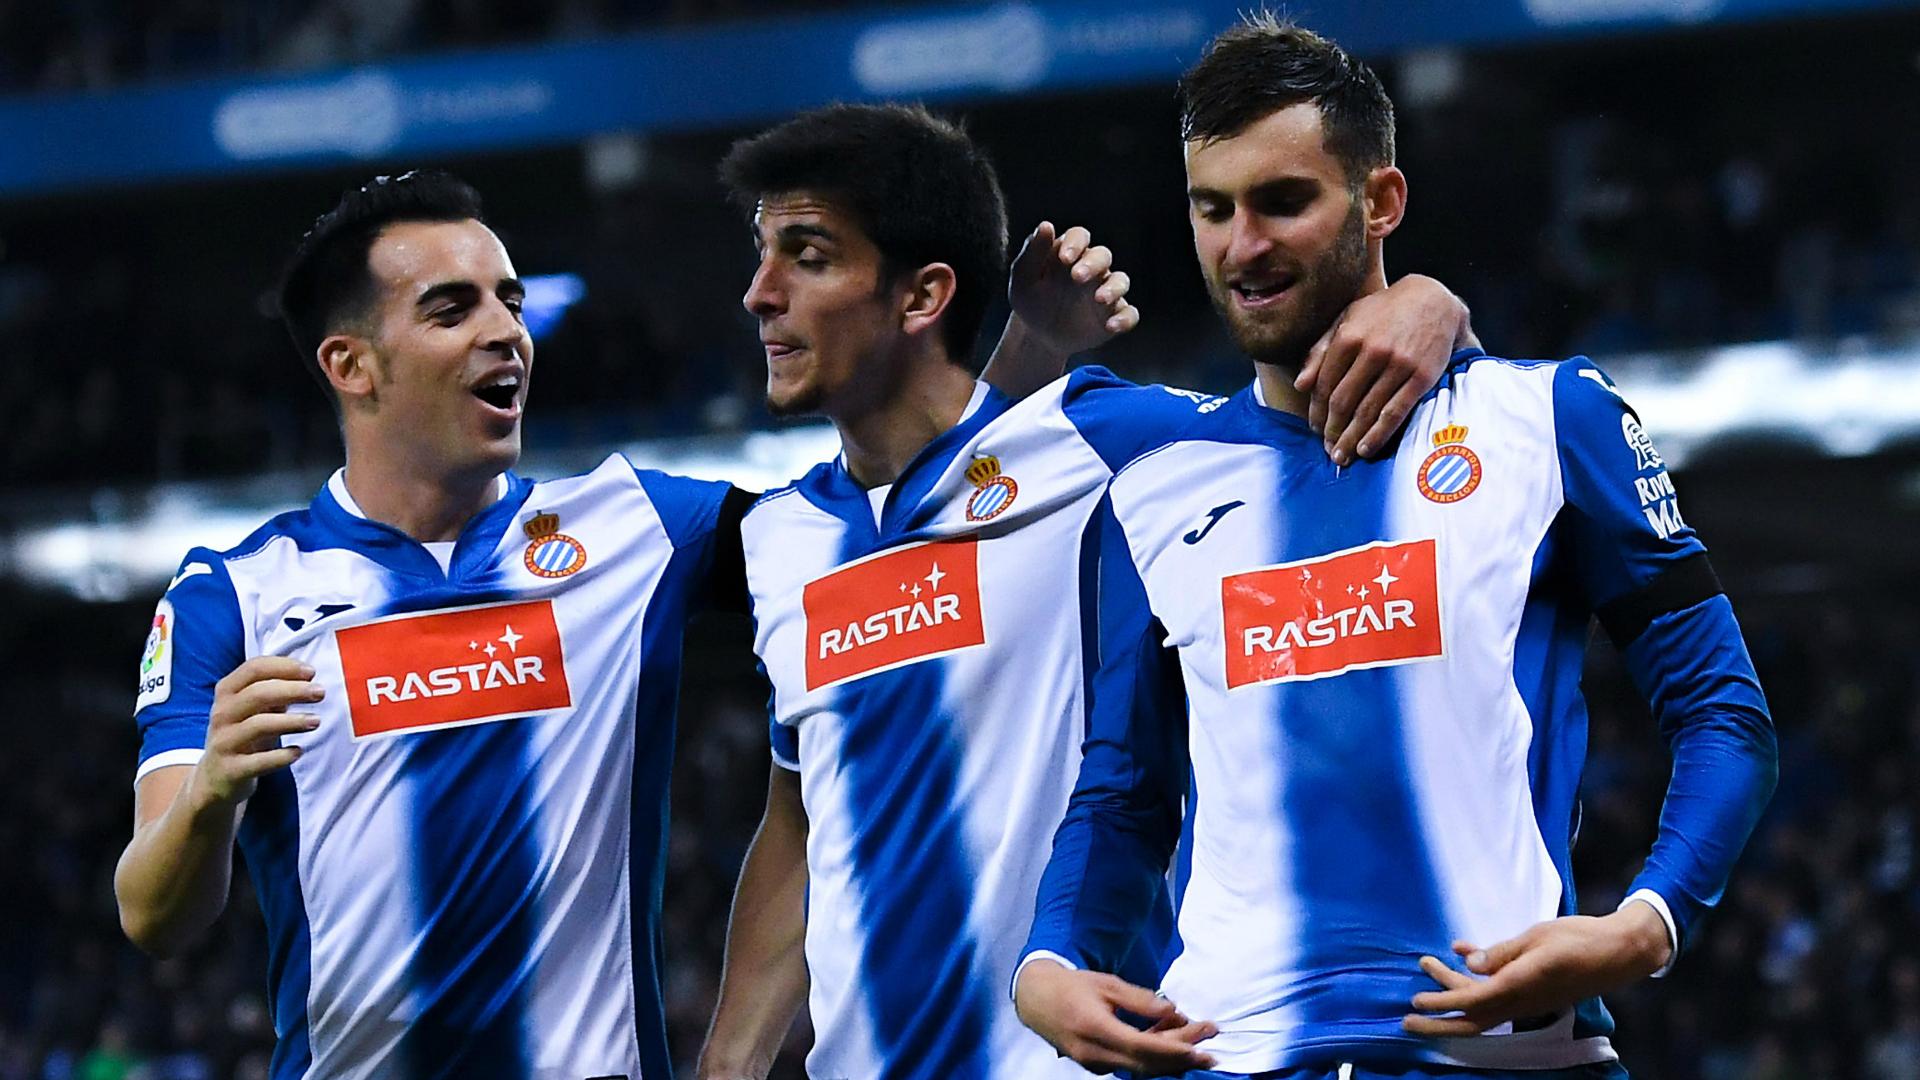 Espanyol Football team